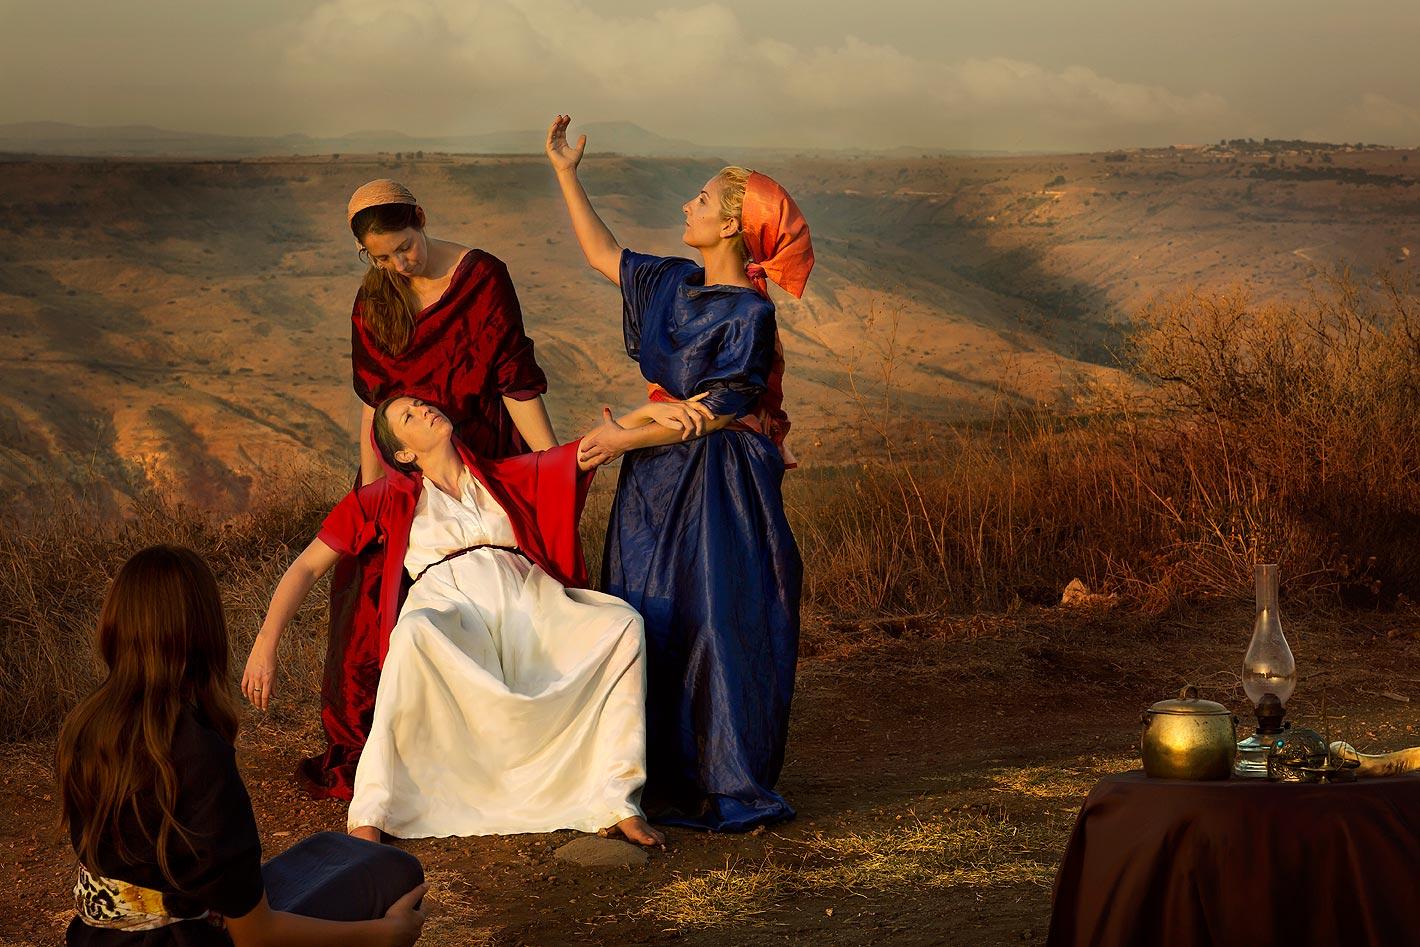 """""""אשת פנחס כלת עלי הכהן ״וְכַלָּתוֹ אֵשֶׁת-פִּינְחָס, הָרָה לָלַת, וַתִּשְׁמַע אֶת-הַשְּׁמוּעָה אֶל-הִלָּקַח אֲרוֹן הָאֱלֹהִים, וּמֵת חָמִיהָ וְאִישָׁהּ; וַתִּכְרַע וַתֵּלֶד, כִּי-נֶהֶפְכוּ עָלֶיהָ צִרֶיהָ: וּכְעֵת מוּתָהּ, וַתְּדַבֵּרְנָה הַנִּצָּבוֹת עָלֶיהָ, אַל-תִּירְאִי, כִּי בֵן יָלָדְתְּ״ שמואל א ד יט-כ"""""""